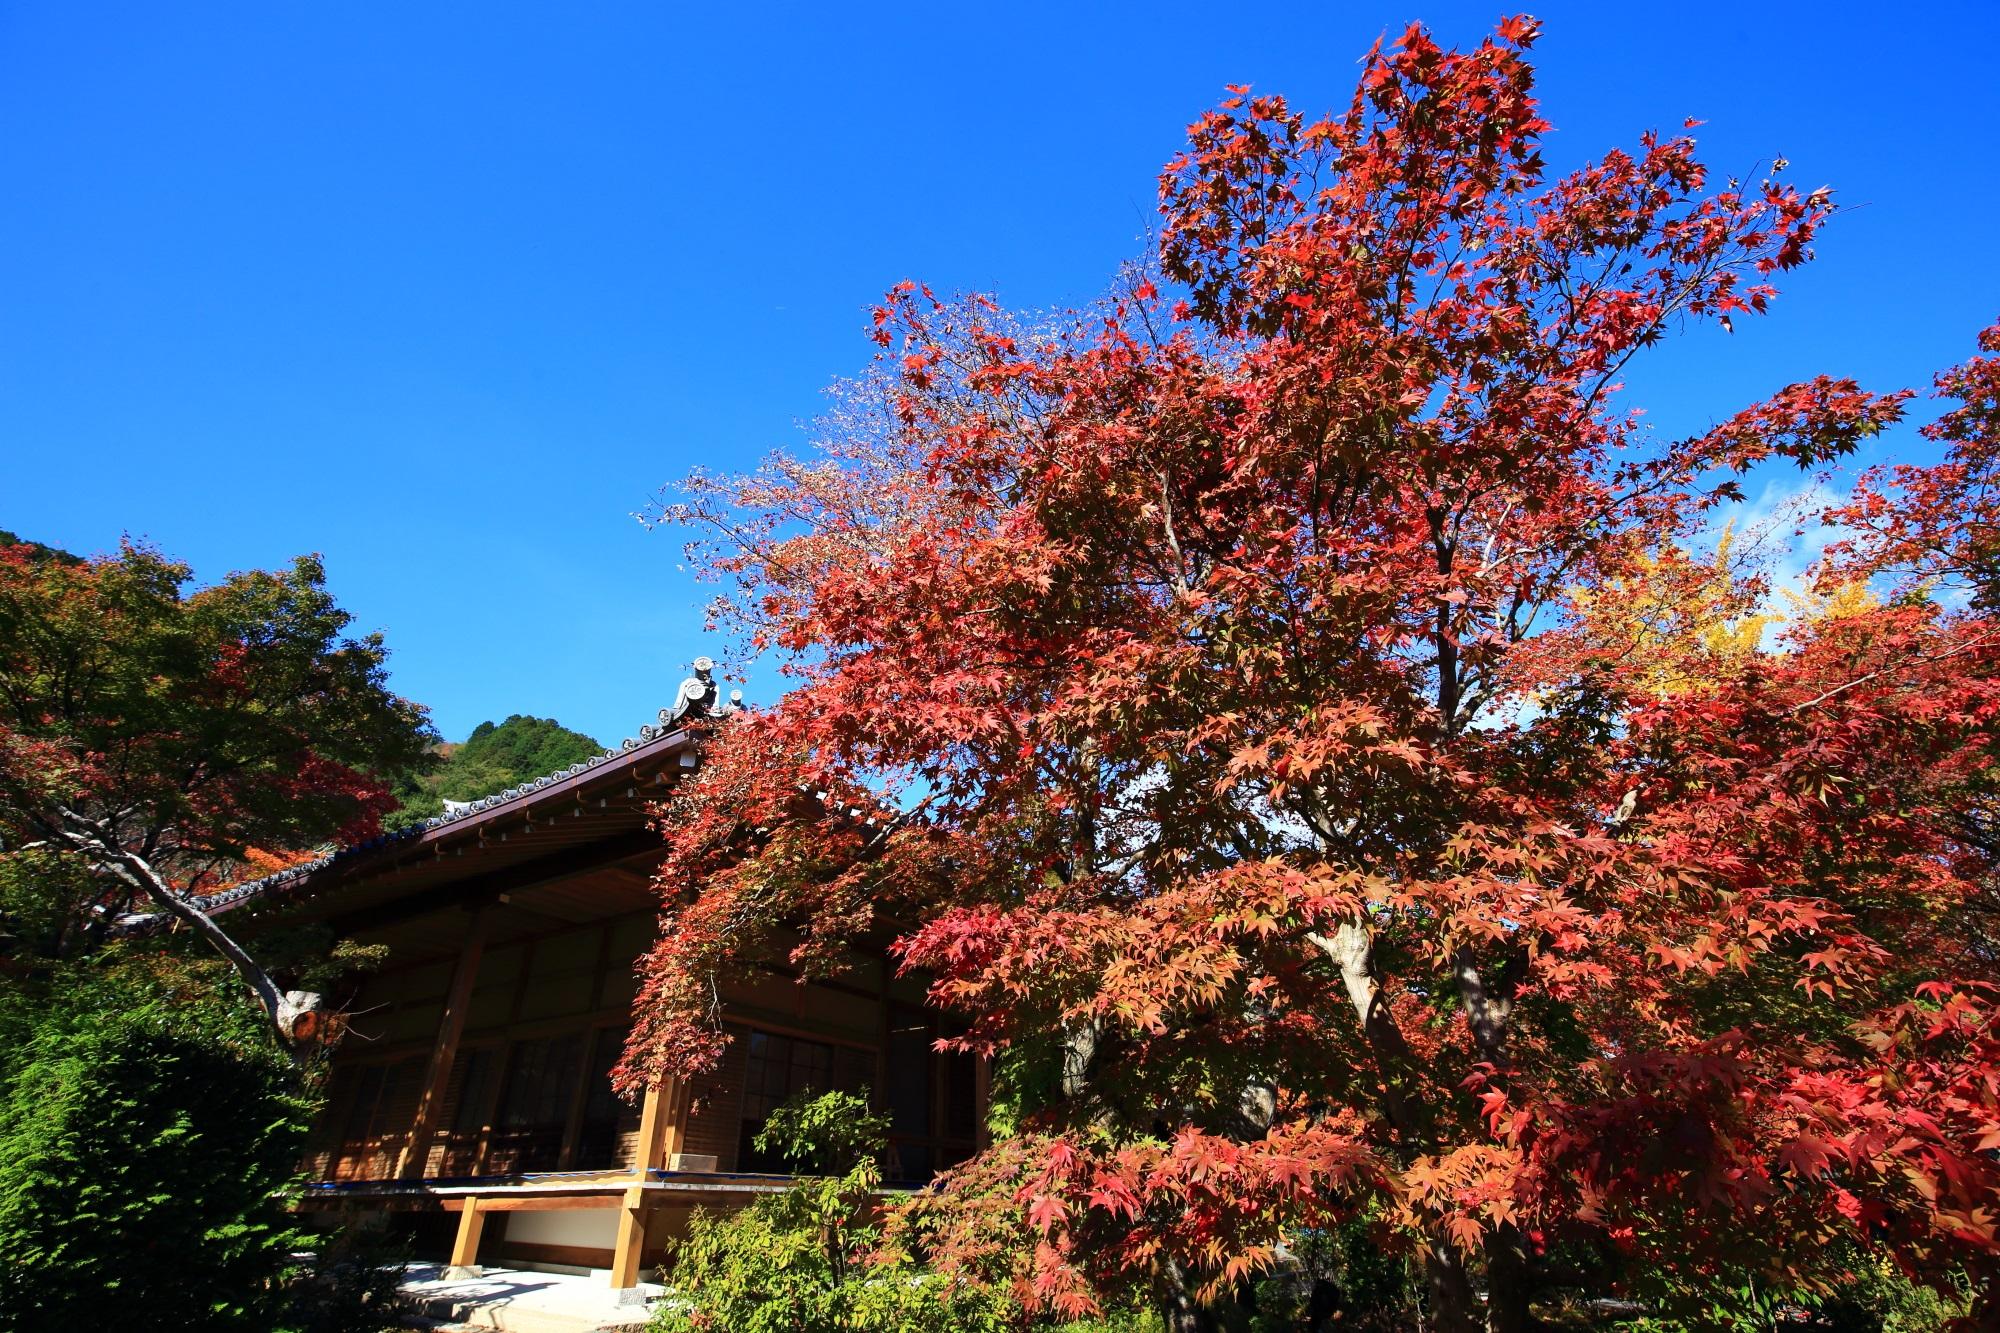 常寂光寺の本堂と見ごろの紅葉